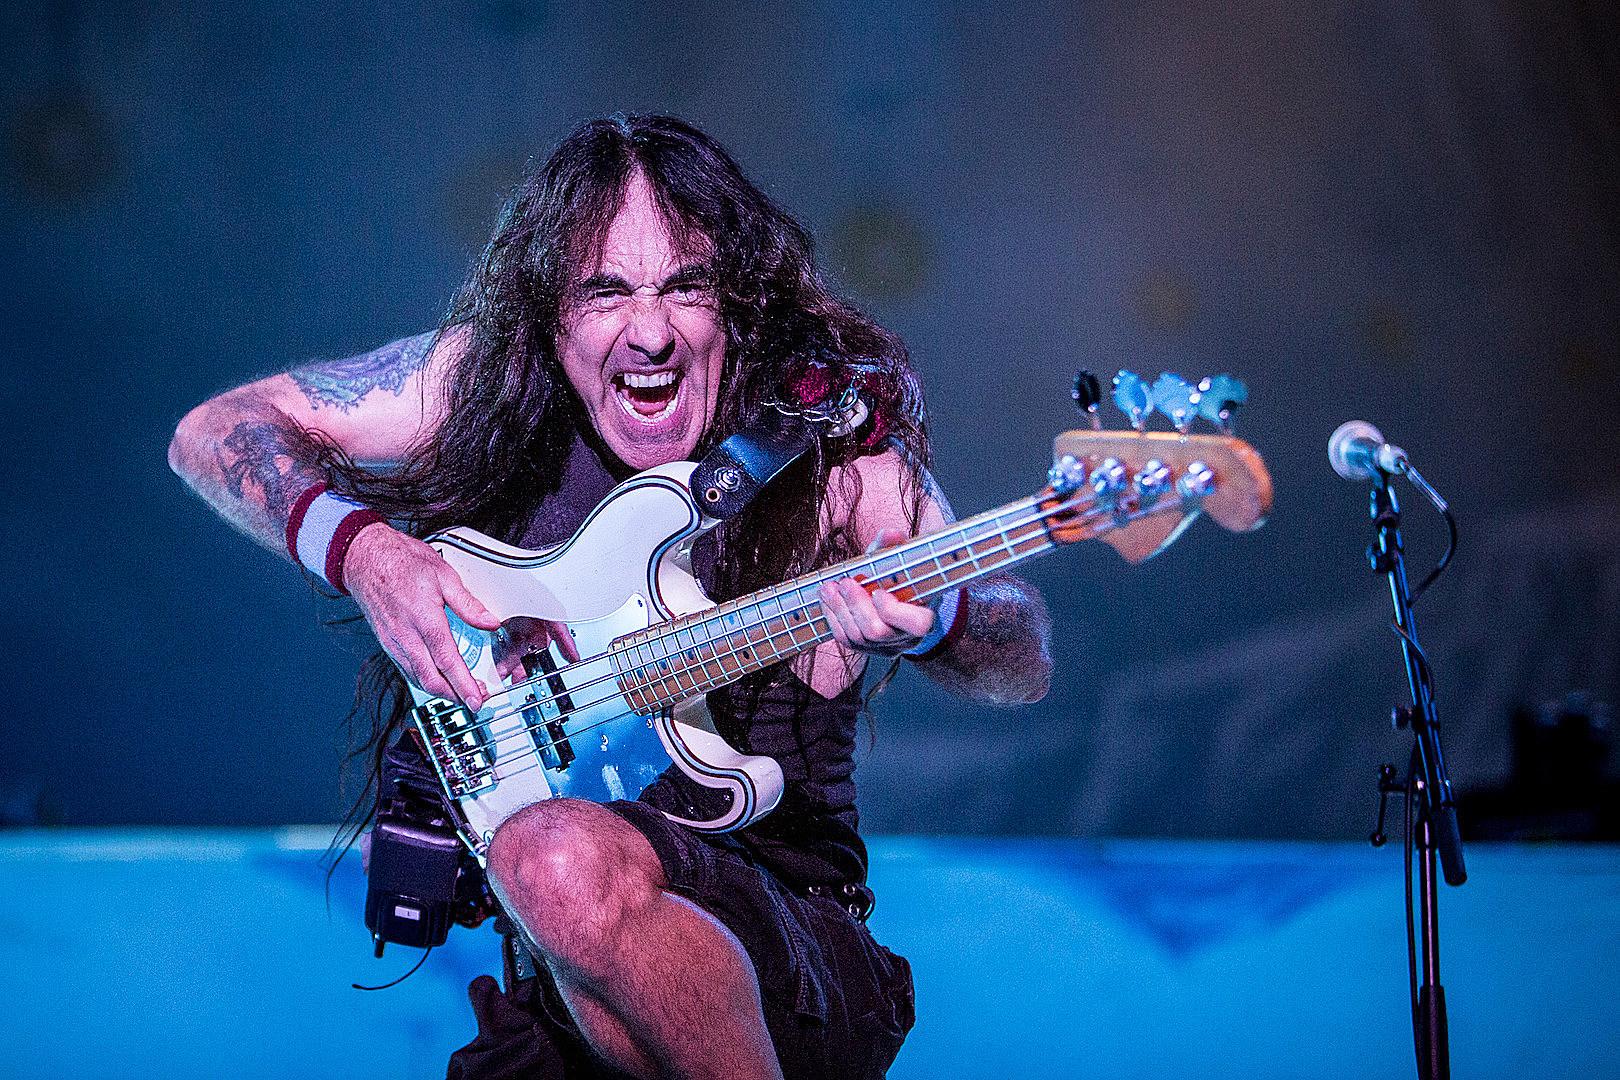 Iron Maiden's Steve Harris 'Didn't Think We Really Deserved' 2011 Grammy for 'El Dorado'